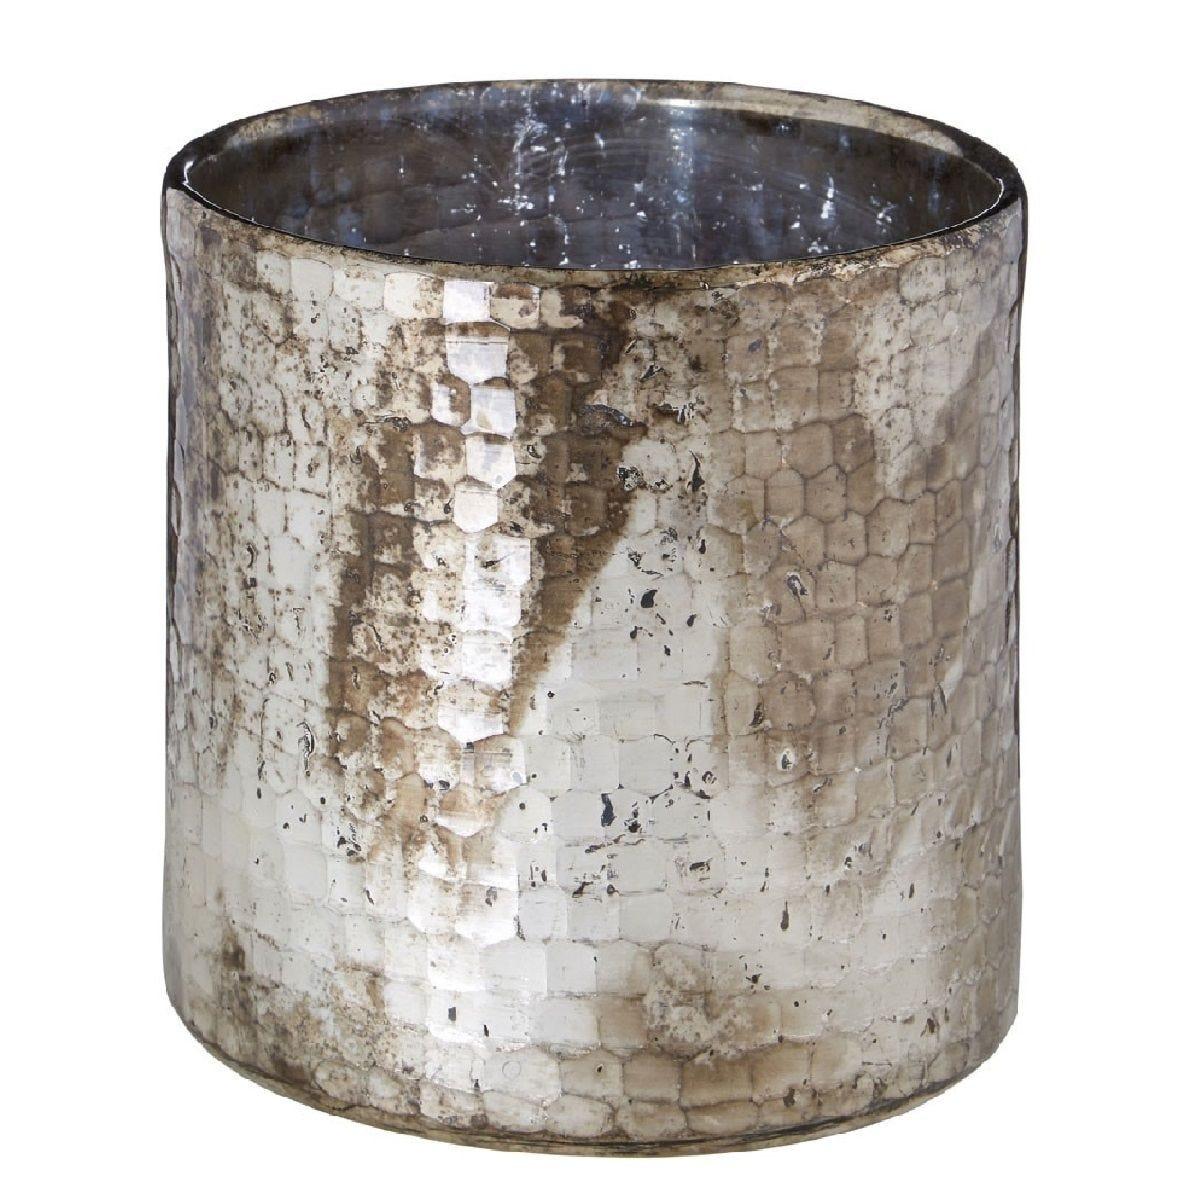 Premier Housewares Gaia Hurricane Candle Holder - Oxidised Gold Finish